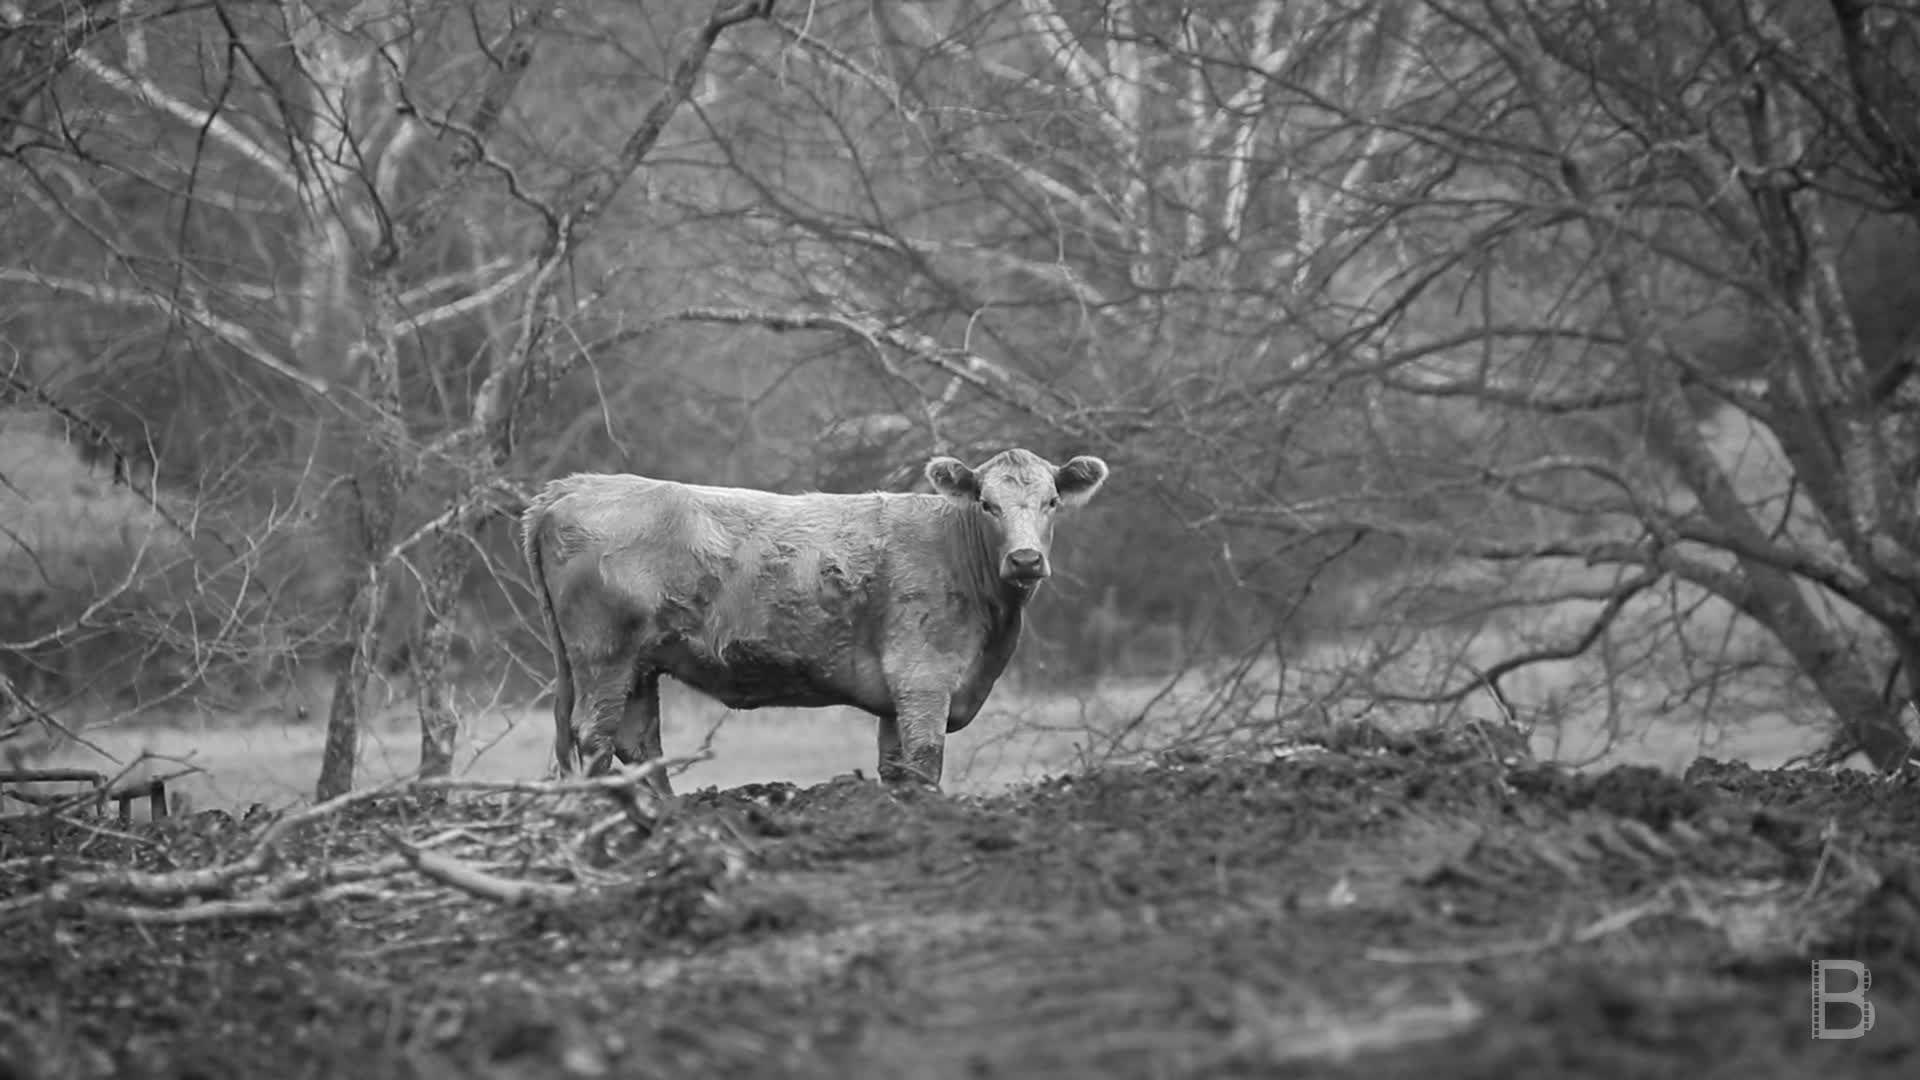 BELLA Presents: daily bello S1 Ep117 Cows in Black & White